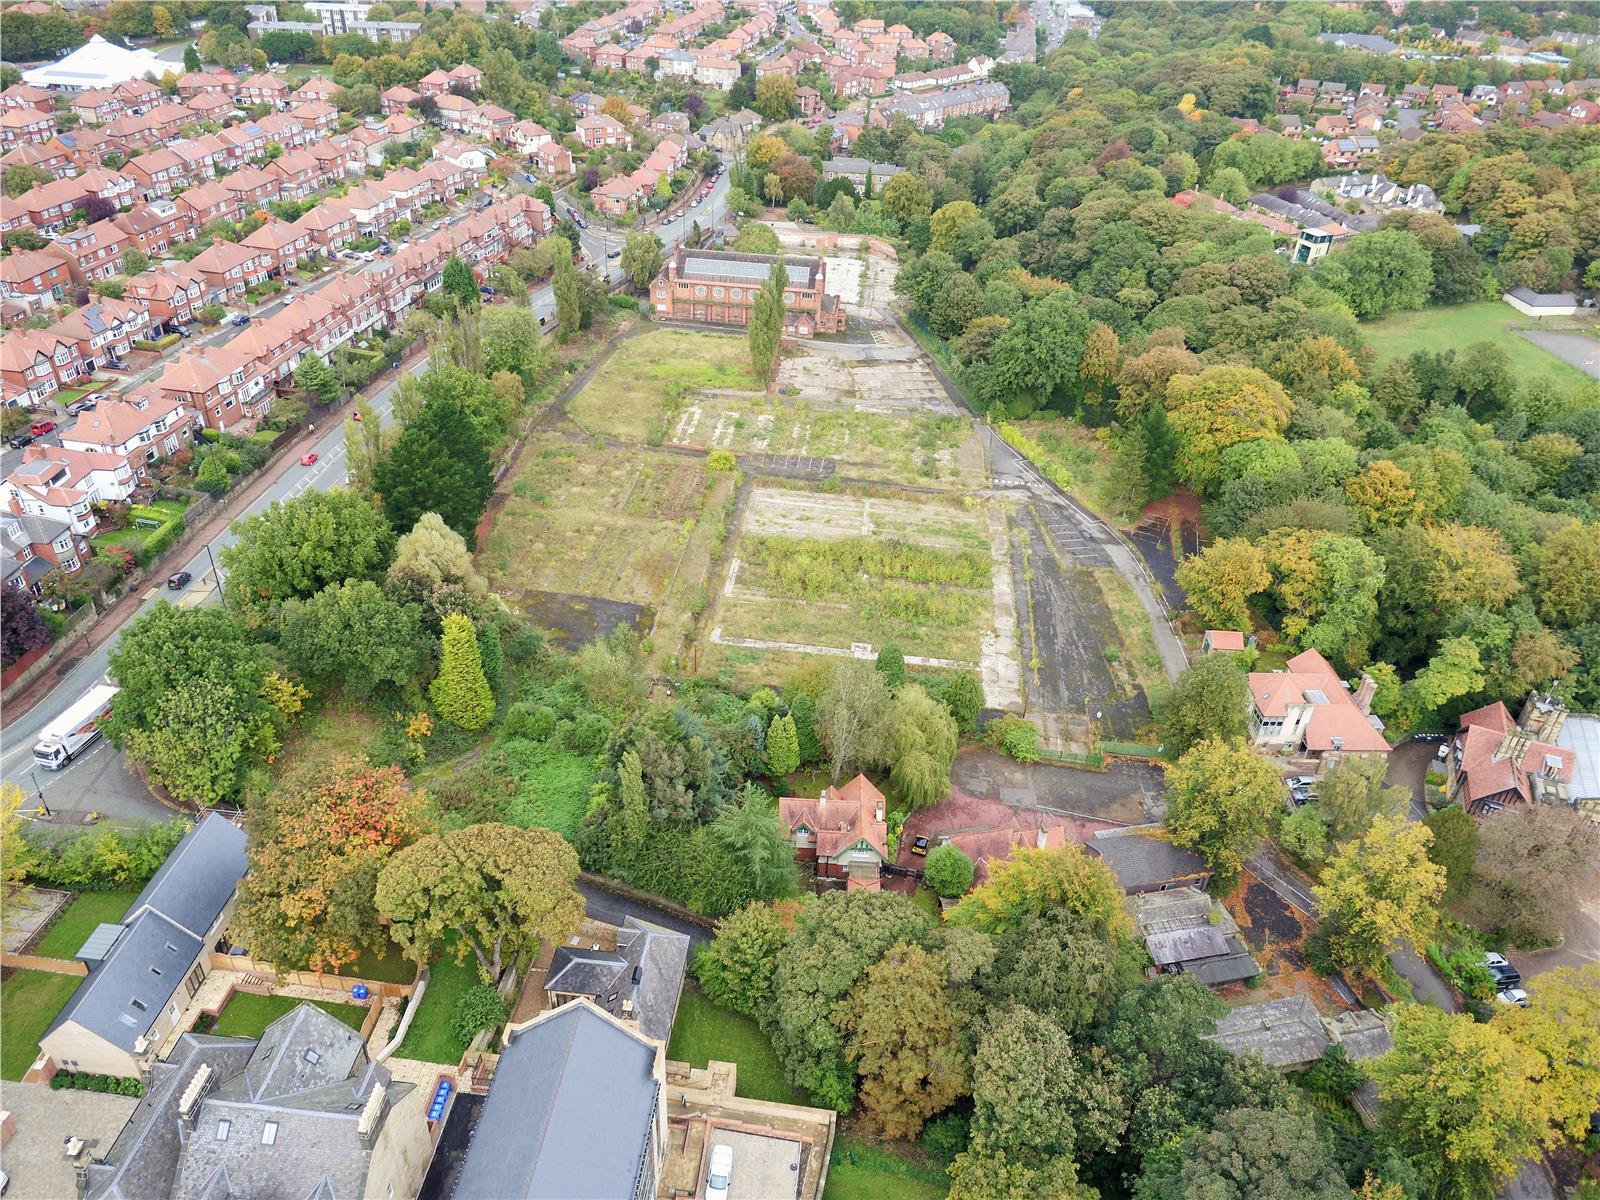 Jesmond Dene Nurseries, Newcastle Upon Tyne, Tyne And Wear, NE2 2EY